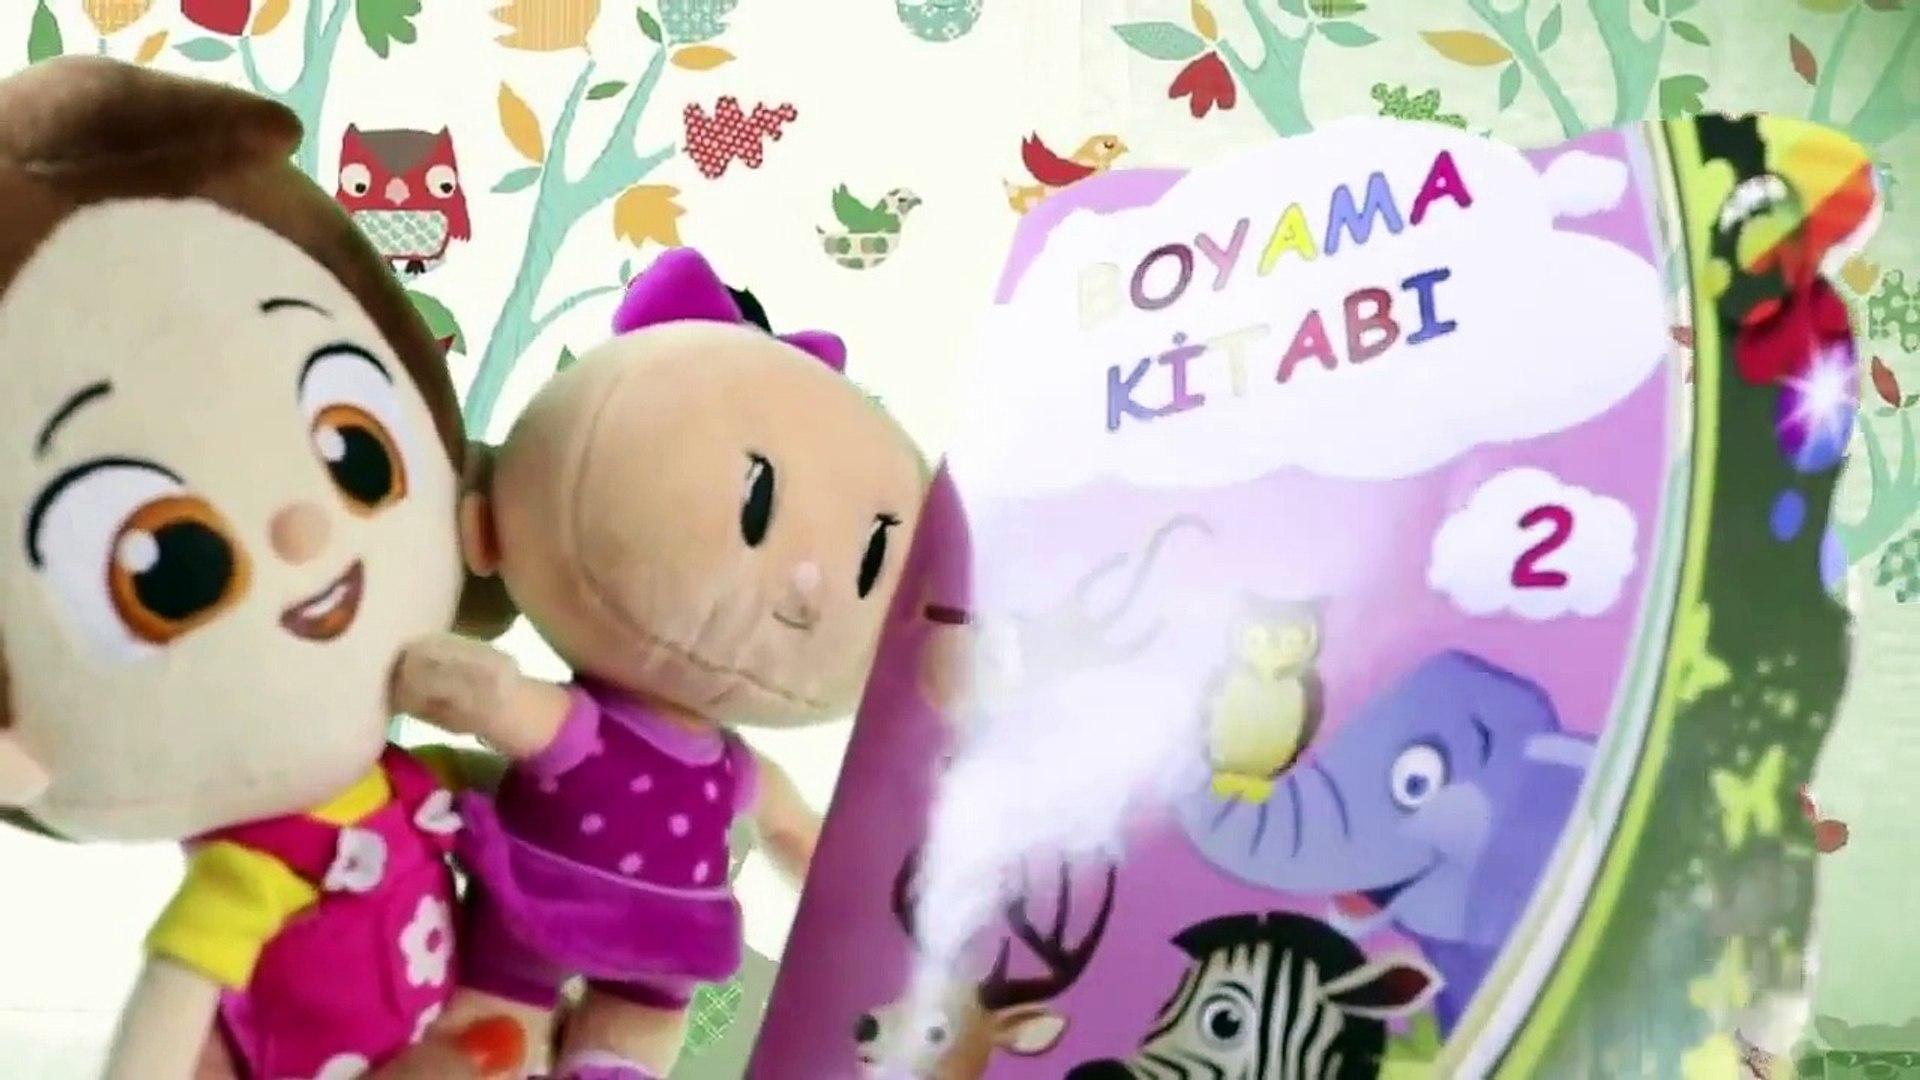 Niloya Boyama Yapiyor Bebe Ile Beraber Niloya Cizgi Film Rir